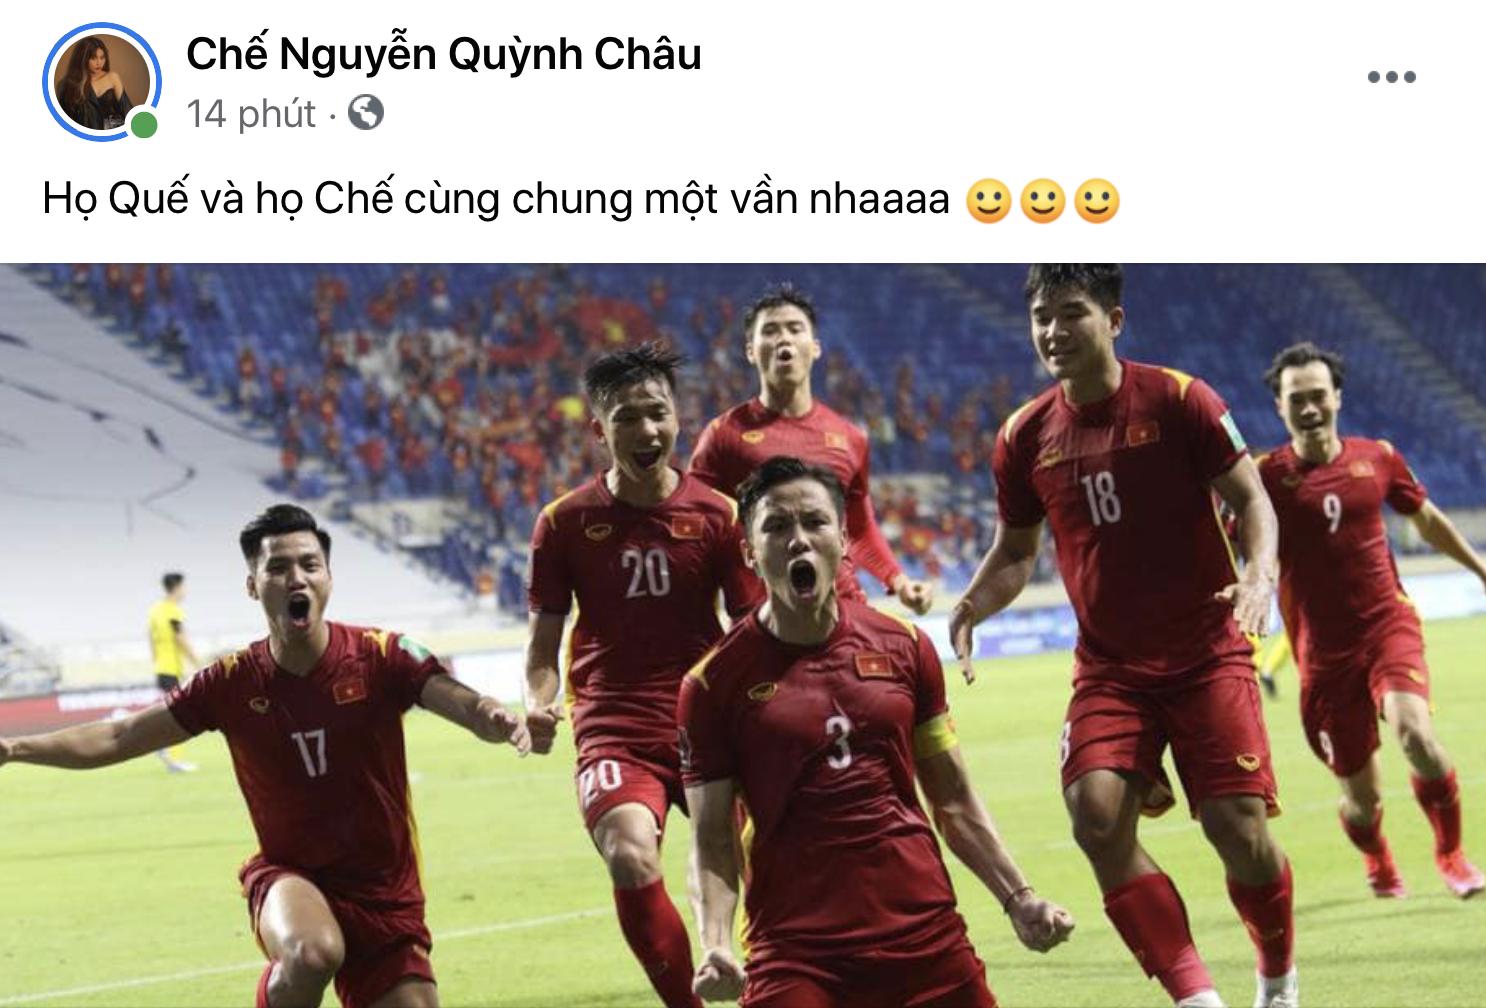 Chế Nguyễn Quỳnh Châu dành niềm tin yêu, tự hào cho Quế Ngọc Hải.